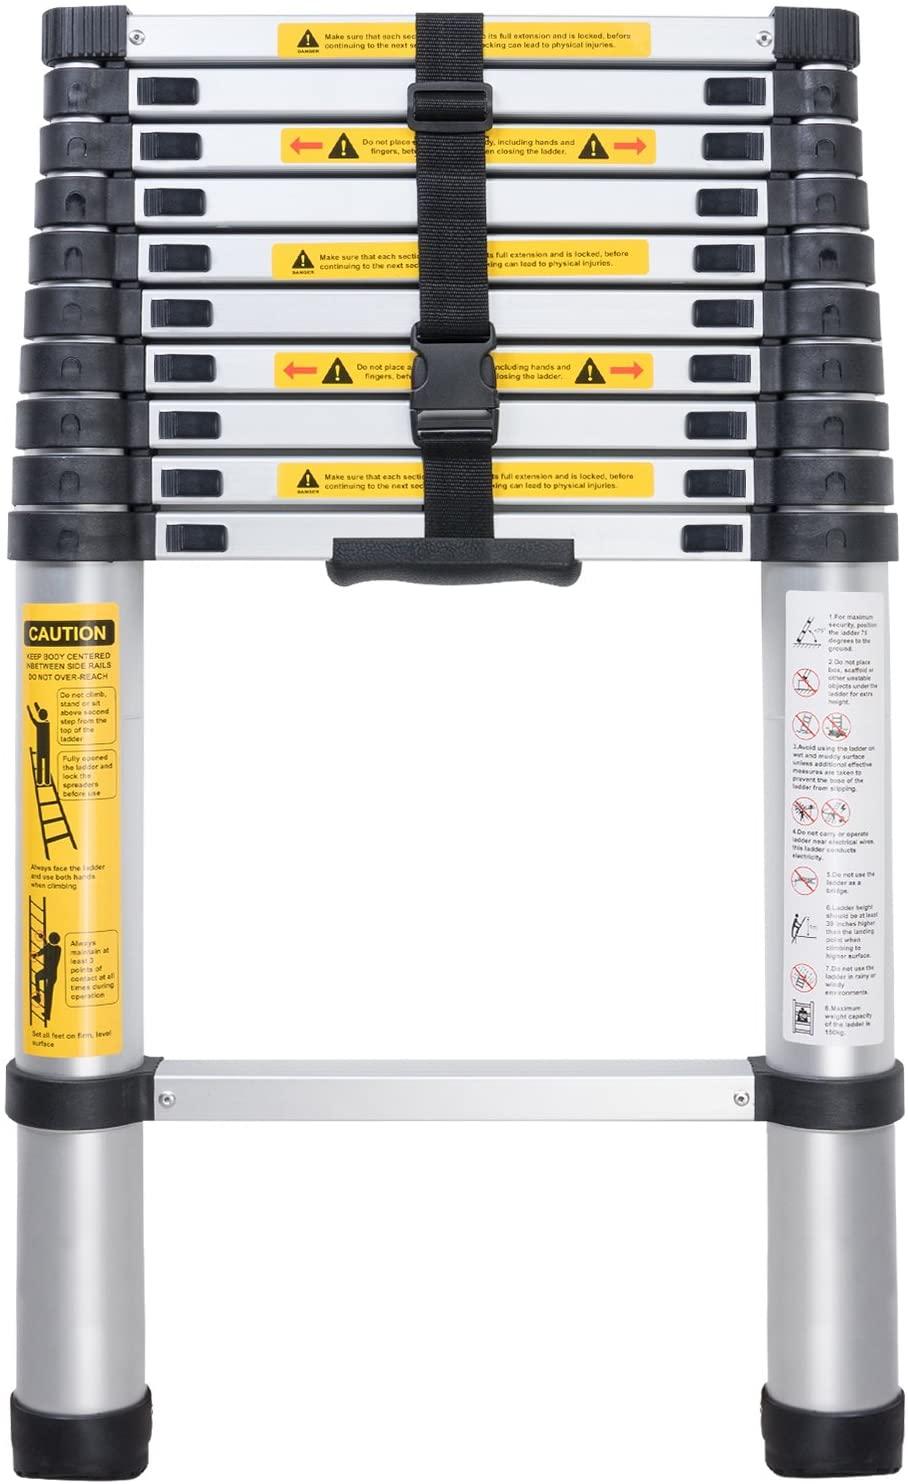 escalera-de-aluminio-de-10-peldanos-domestica-wolfwise-32m.jpg